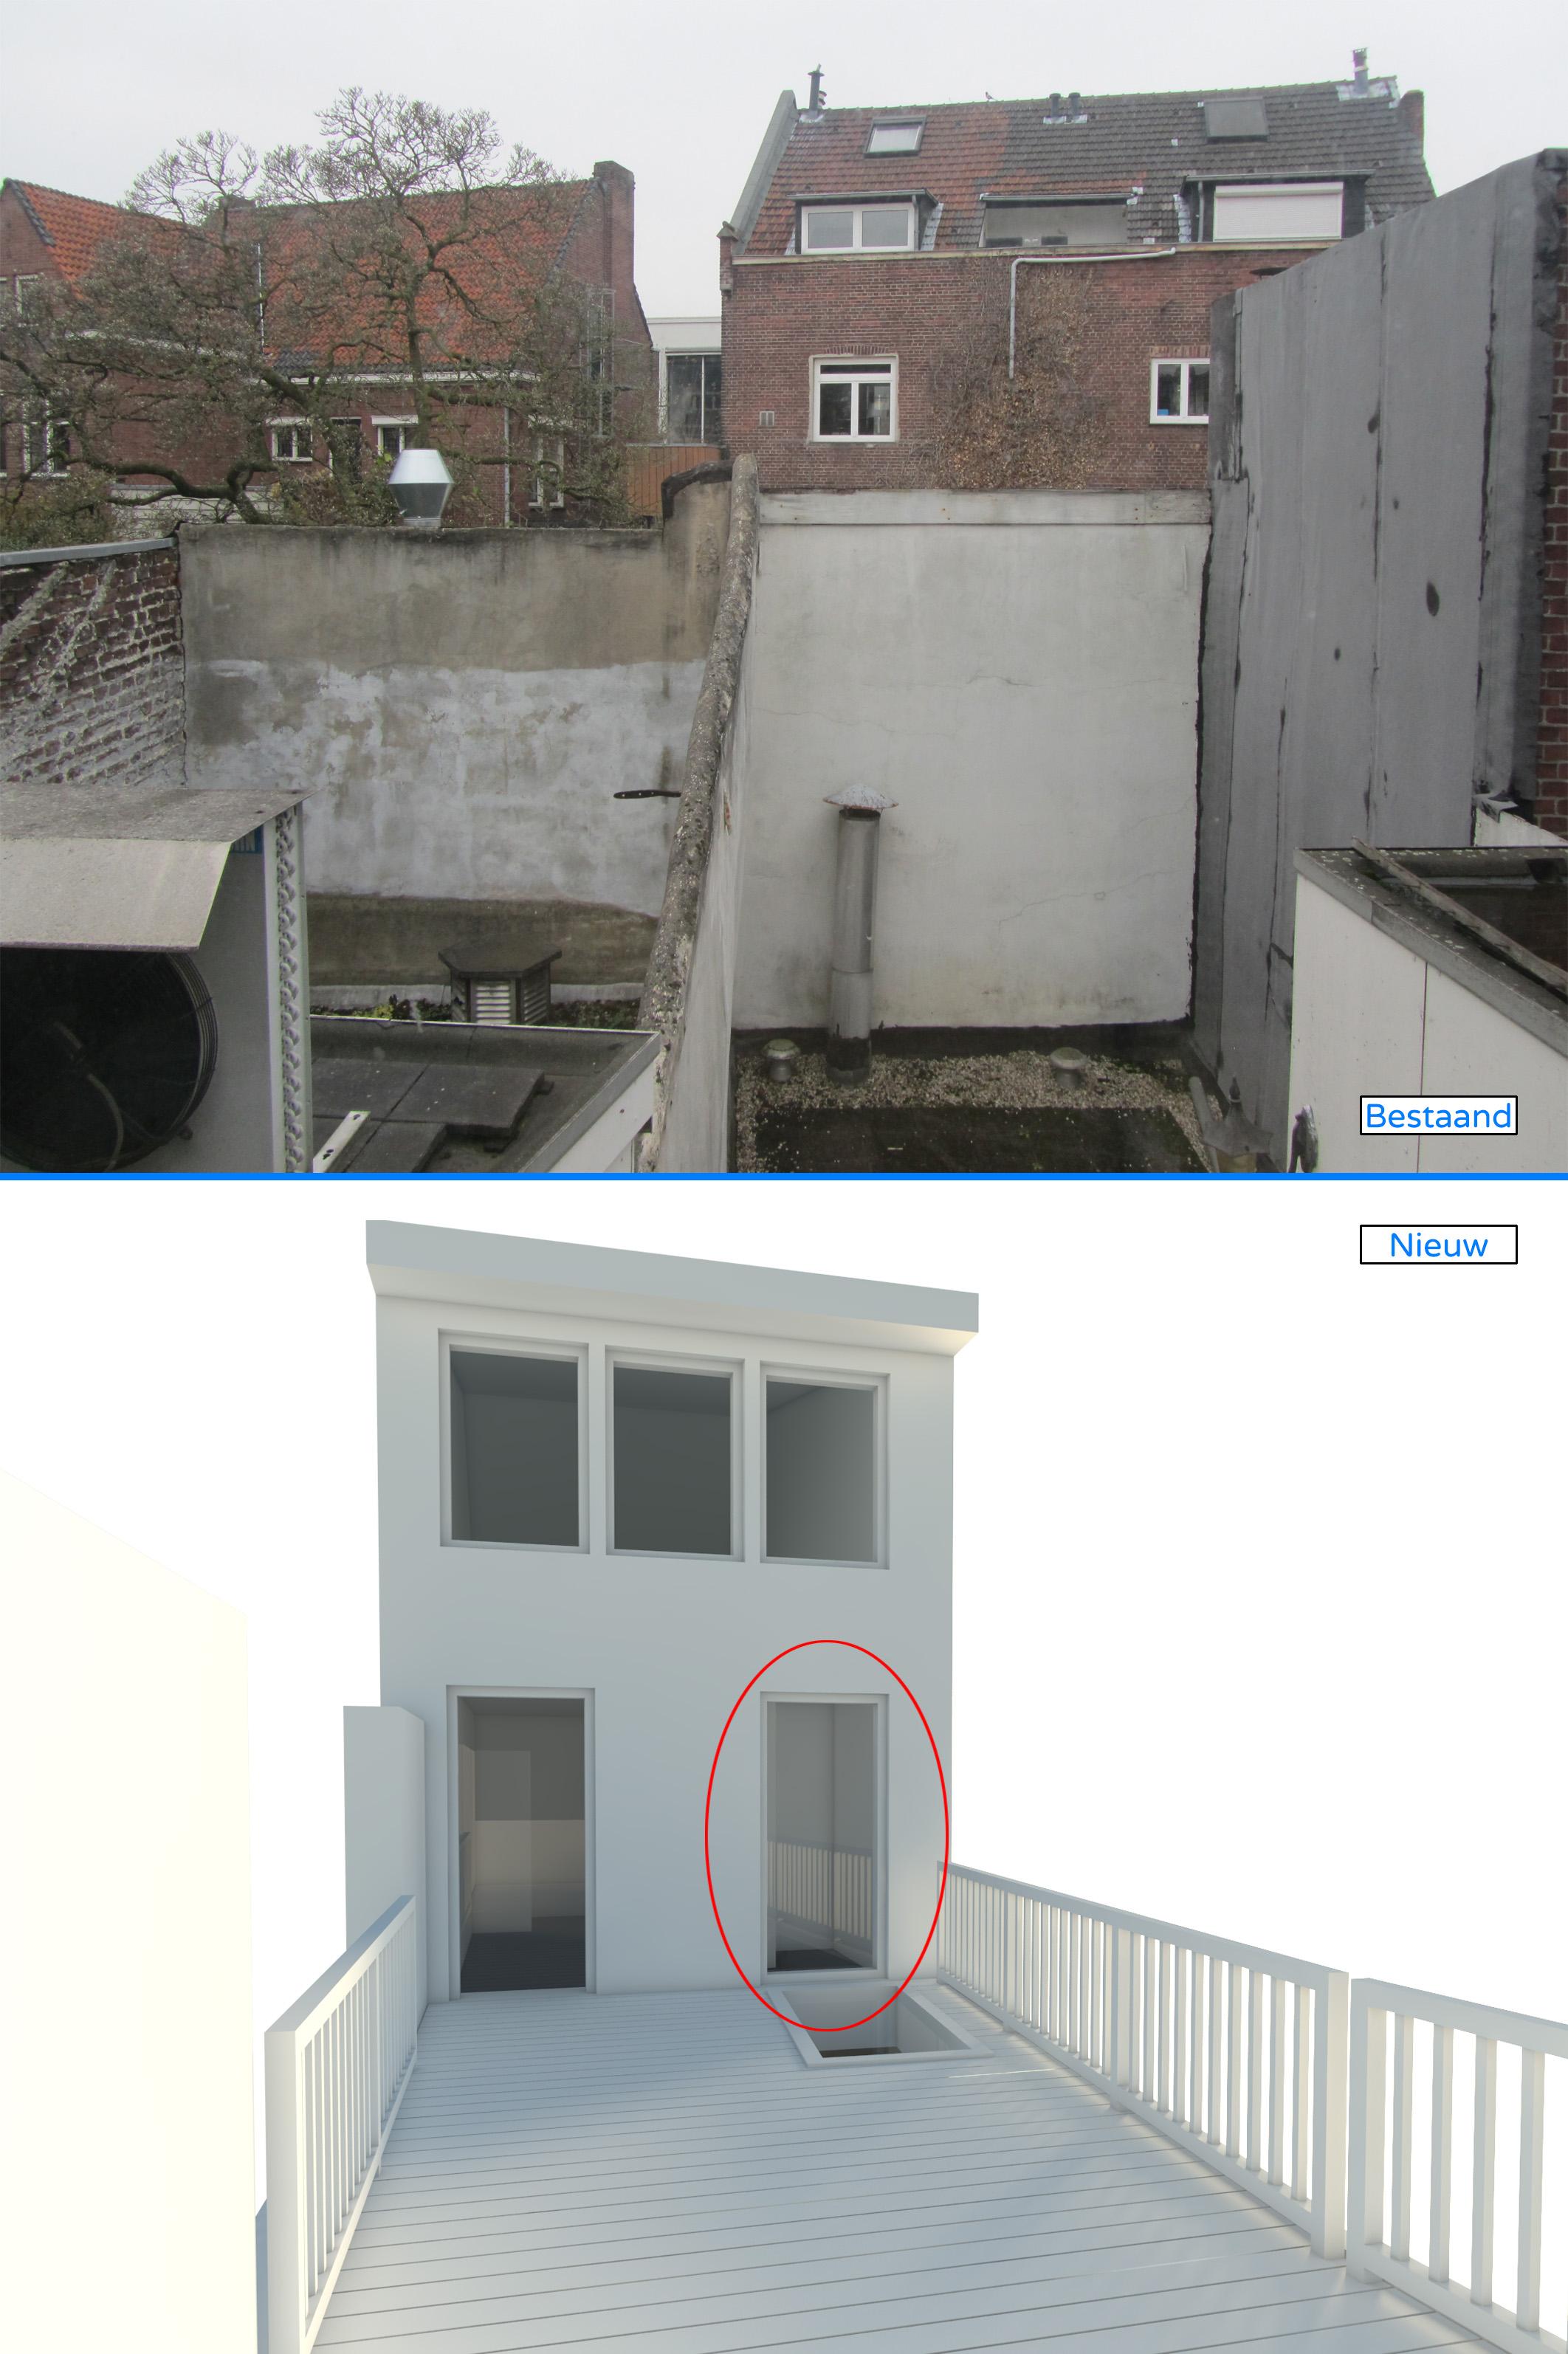 Nieuw terras boven keuken, uitzicht boven is vanaf rood omcirkeld raam in nieuwe situatie (beneden)